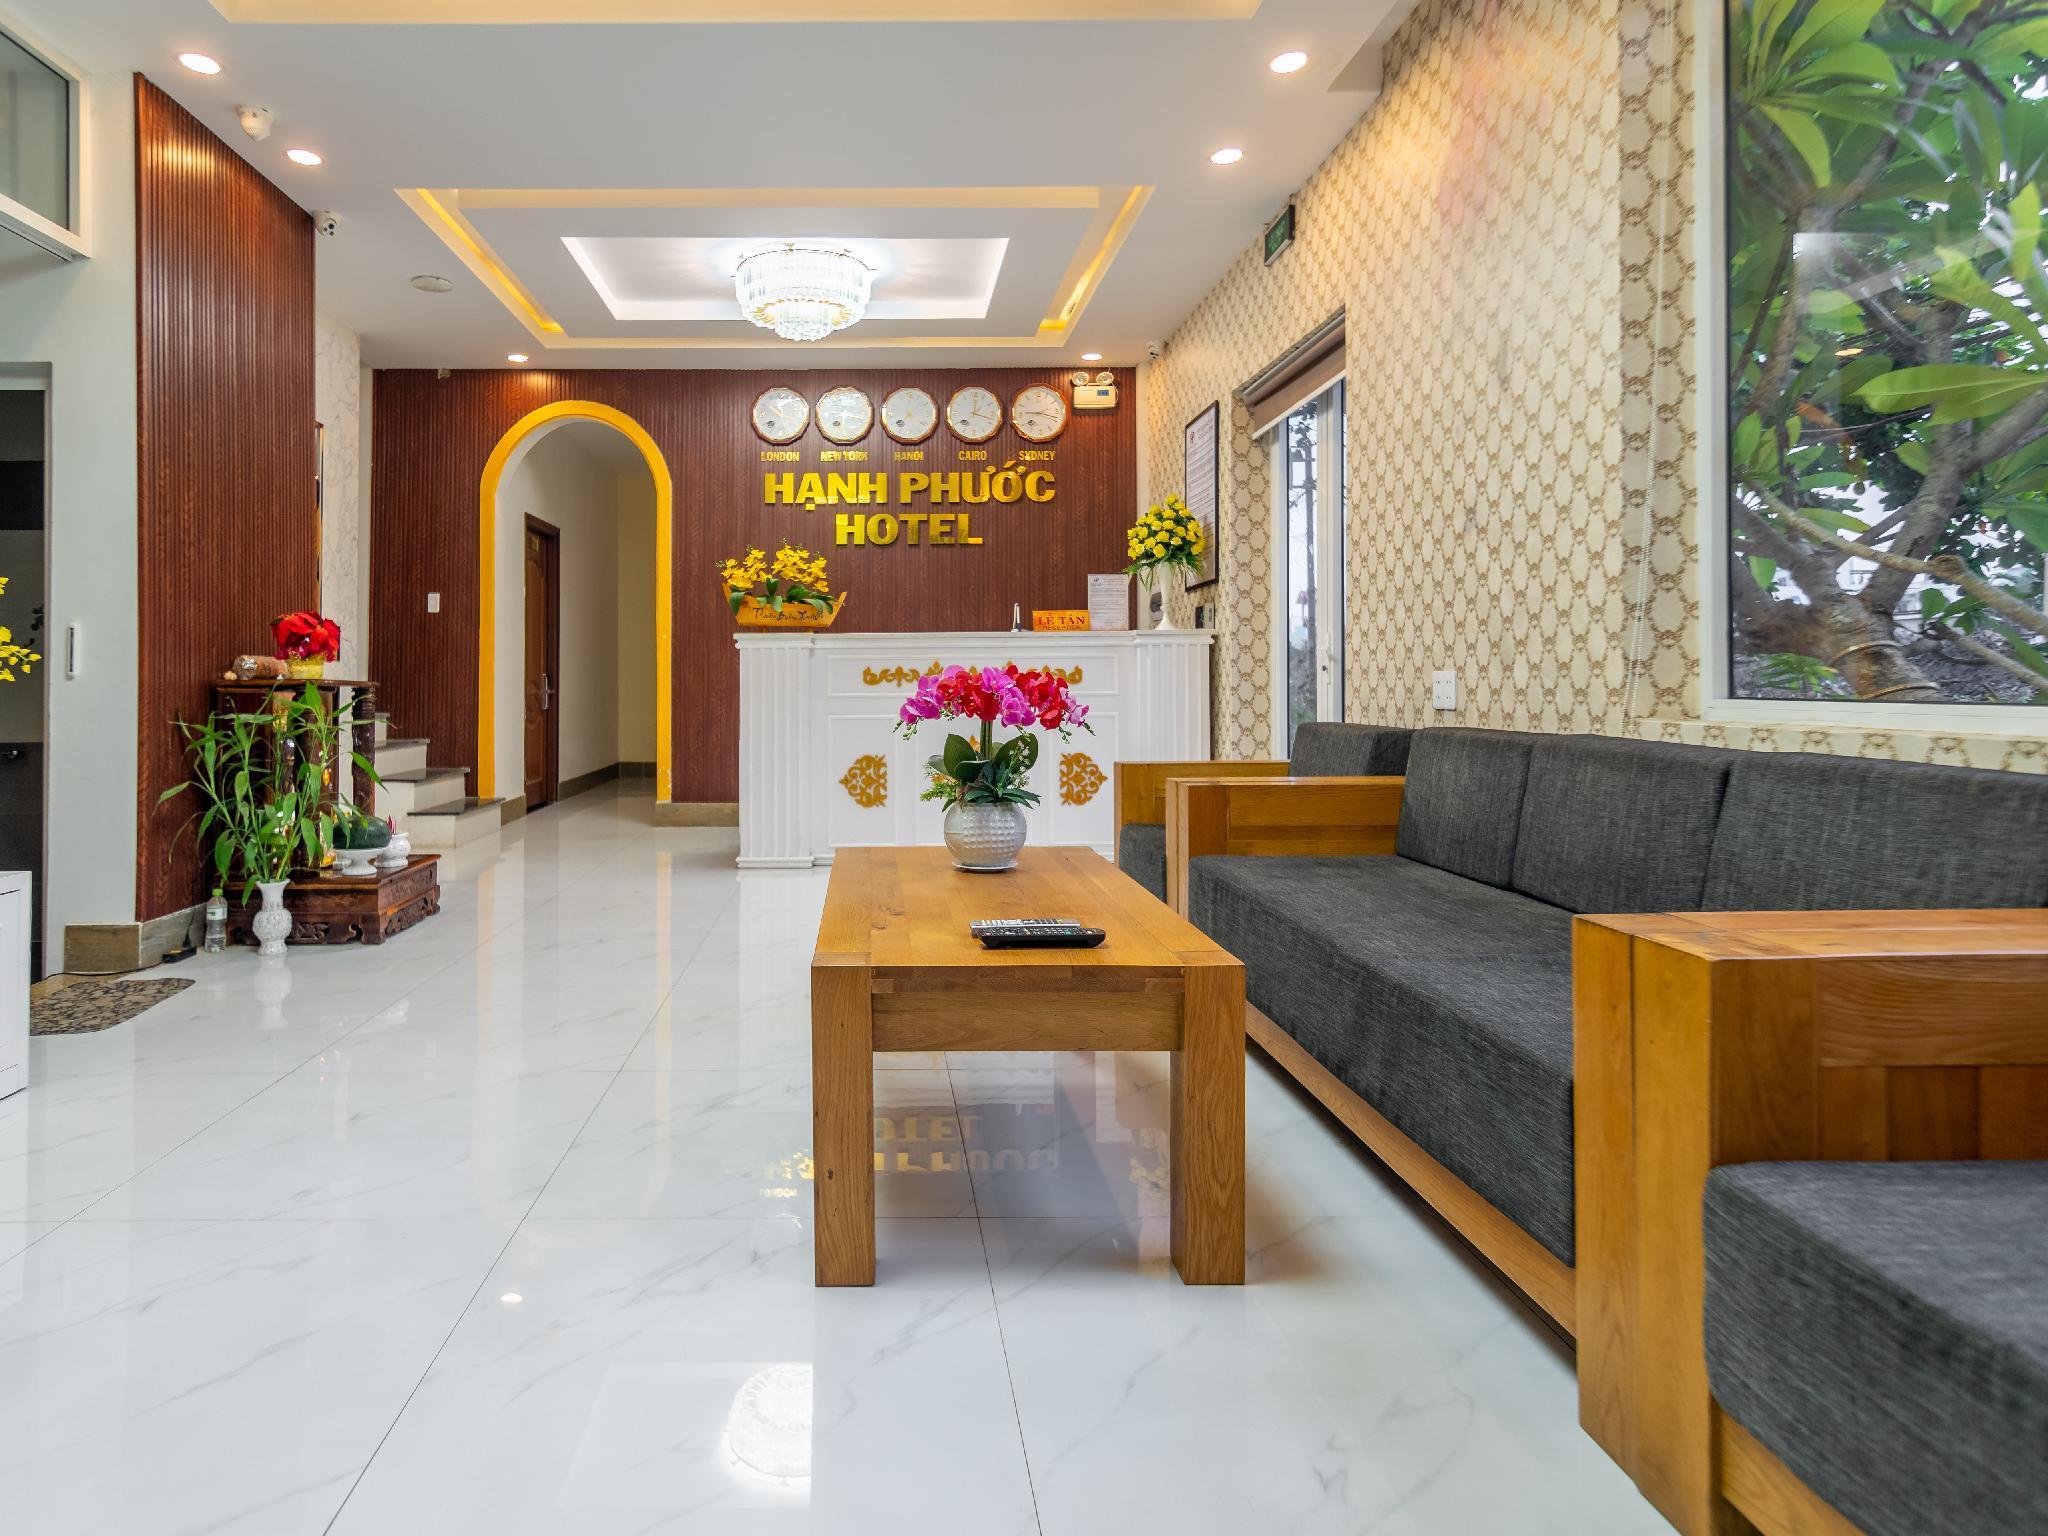 Hanh Phuoc Hotel